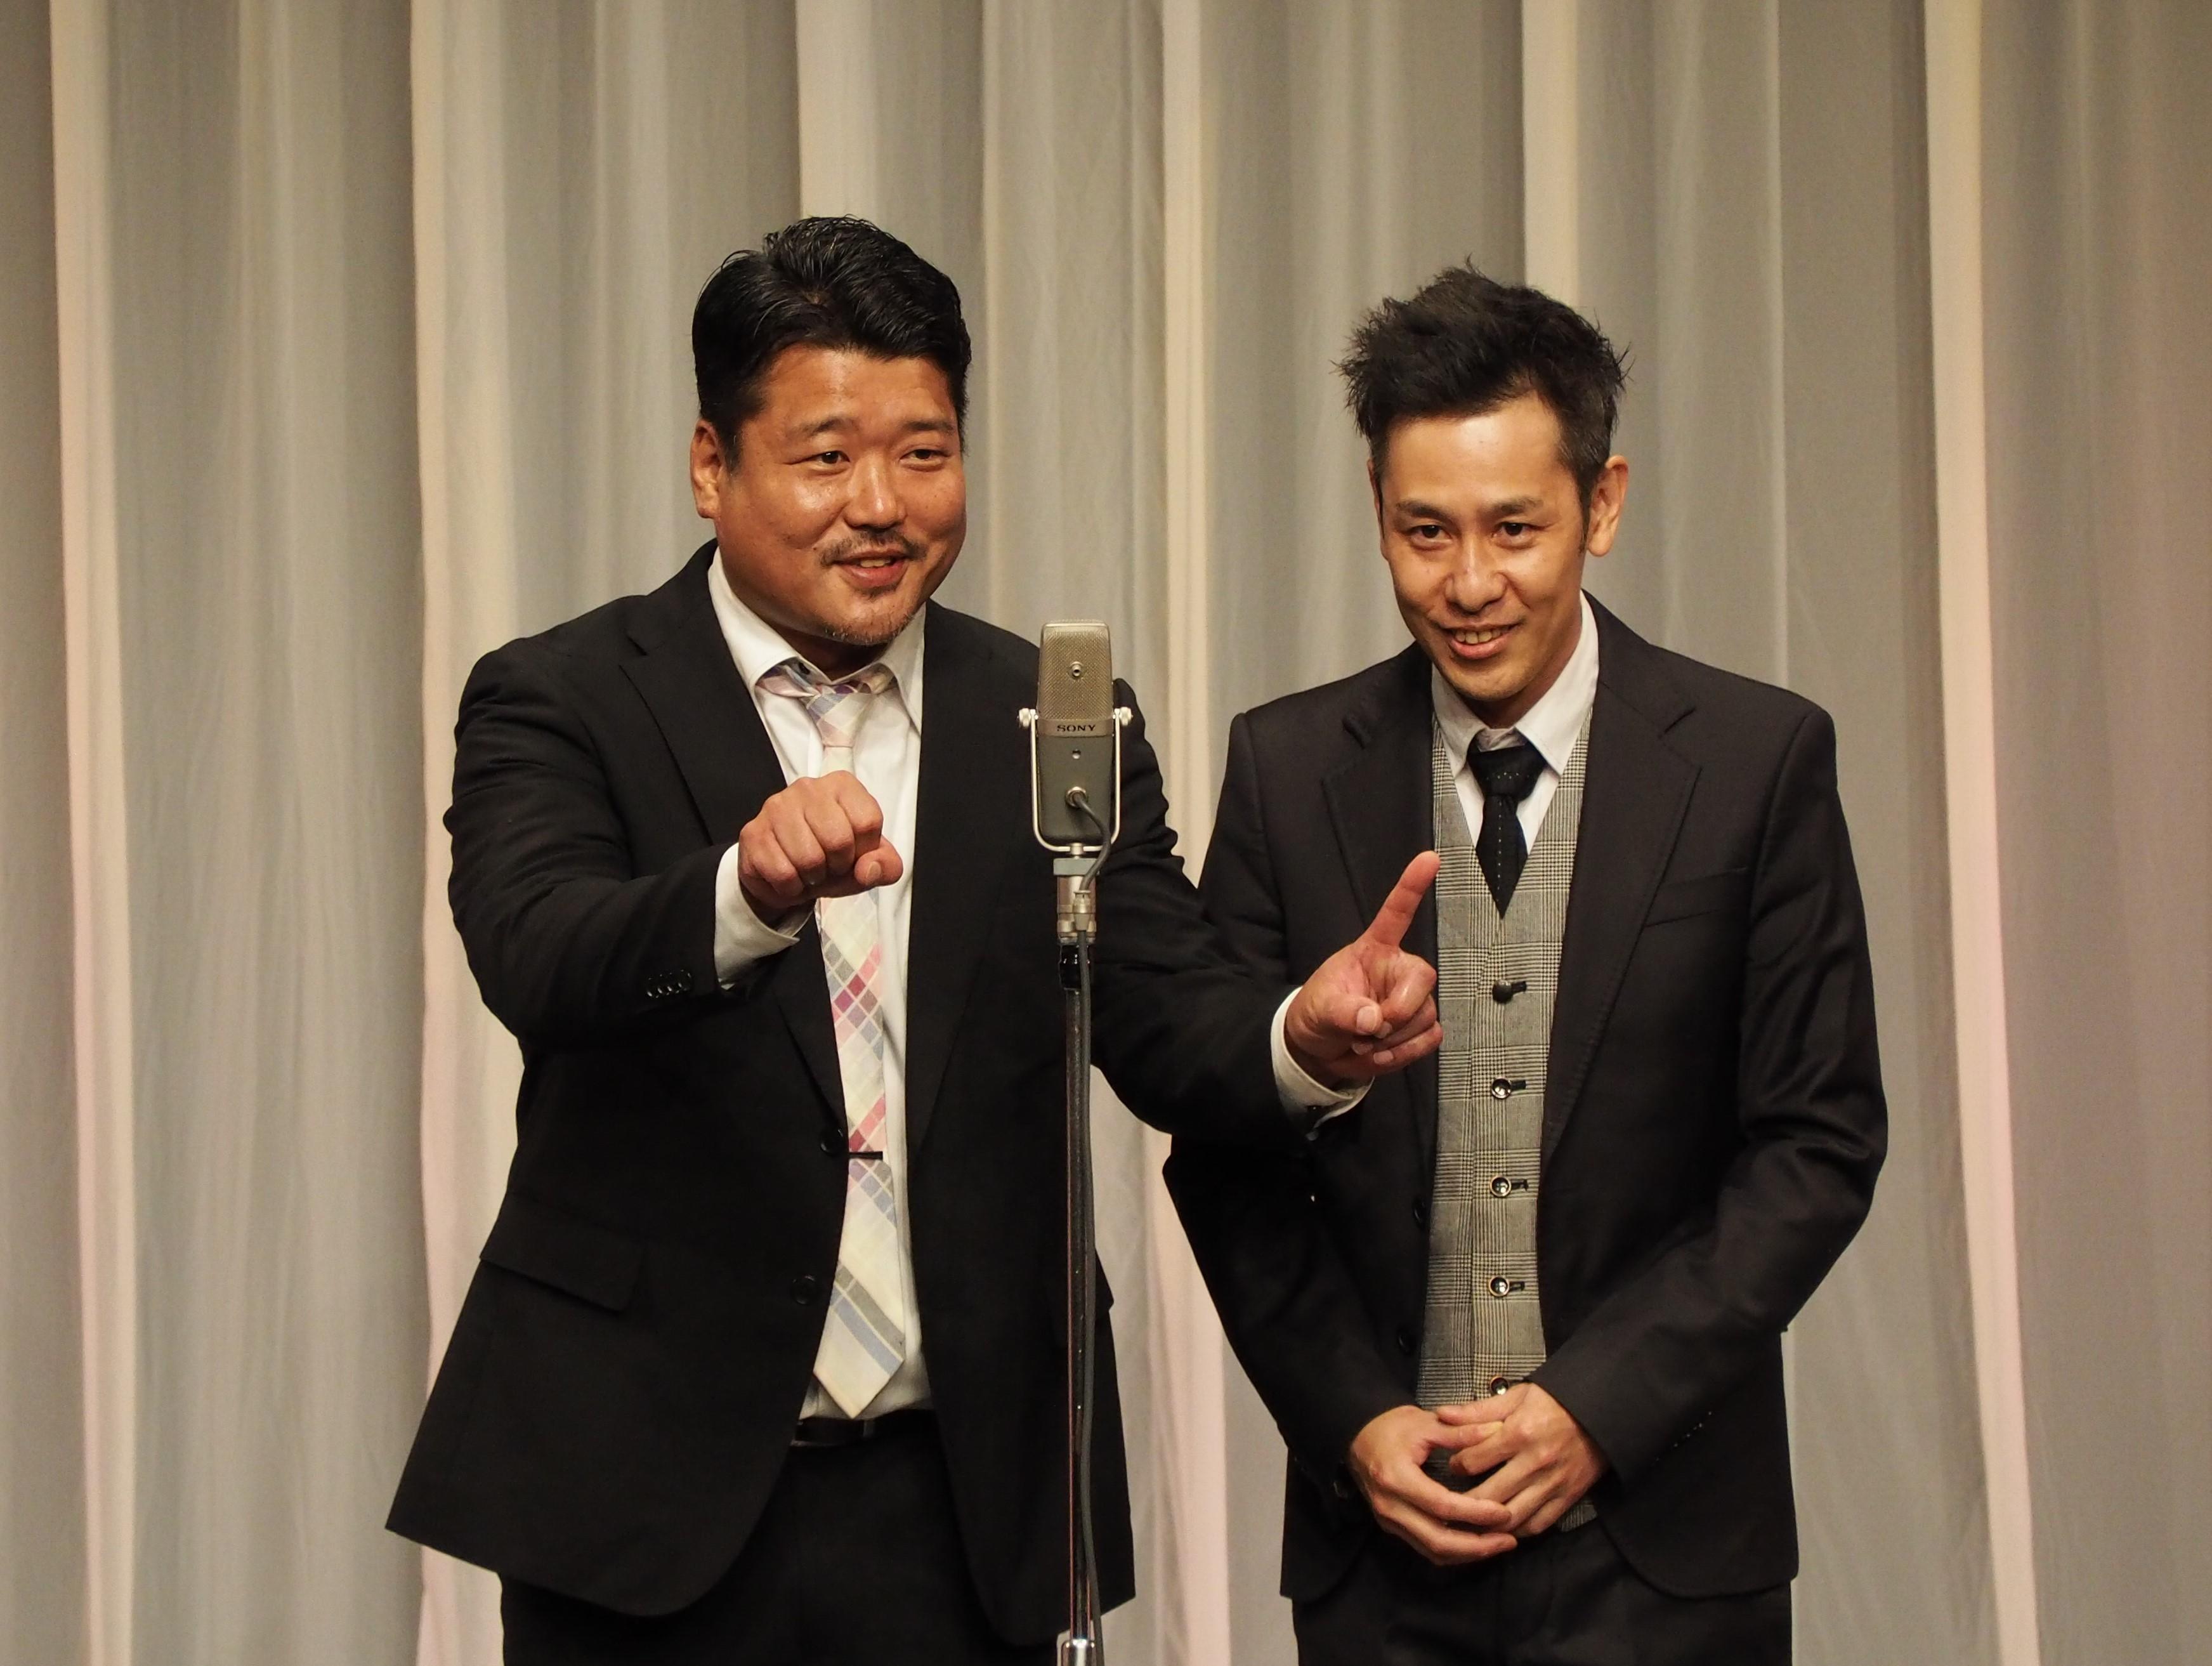 http://news.yoshimoto.co.jp/20180704113343-c83c2801439add013845027de4c7c384e9a217ee.jpg